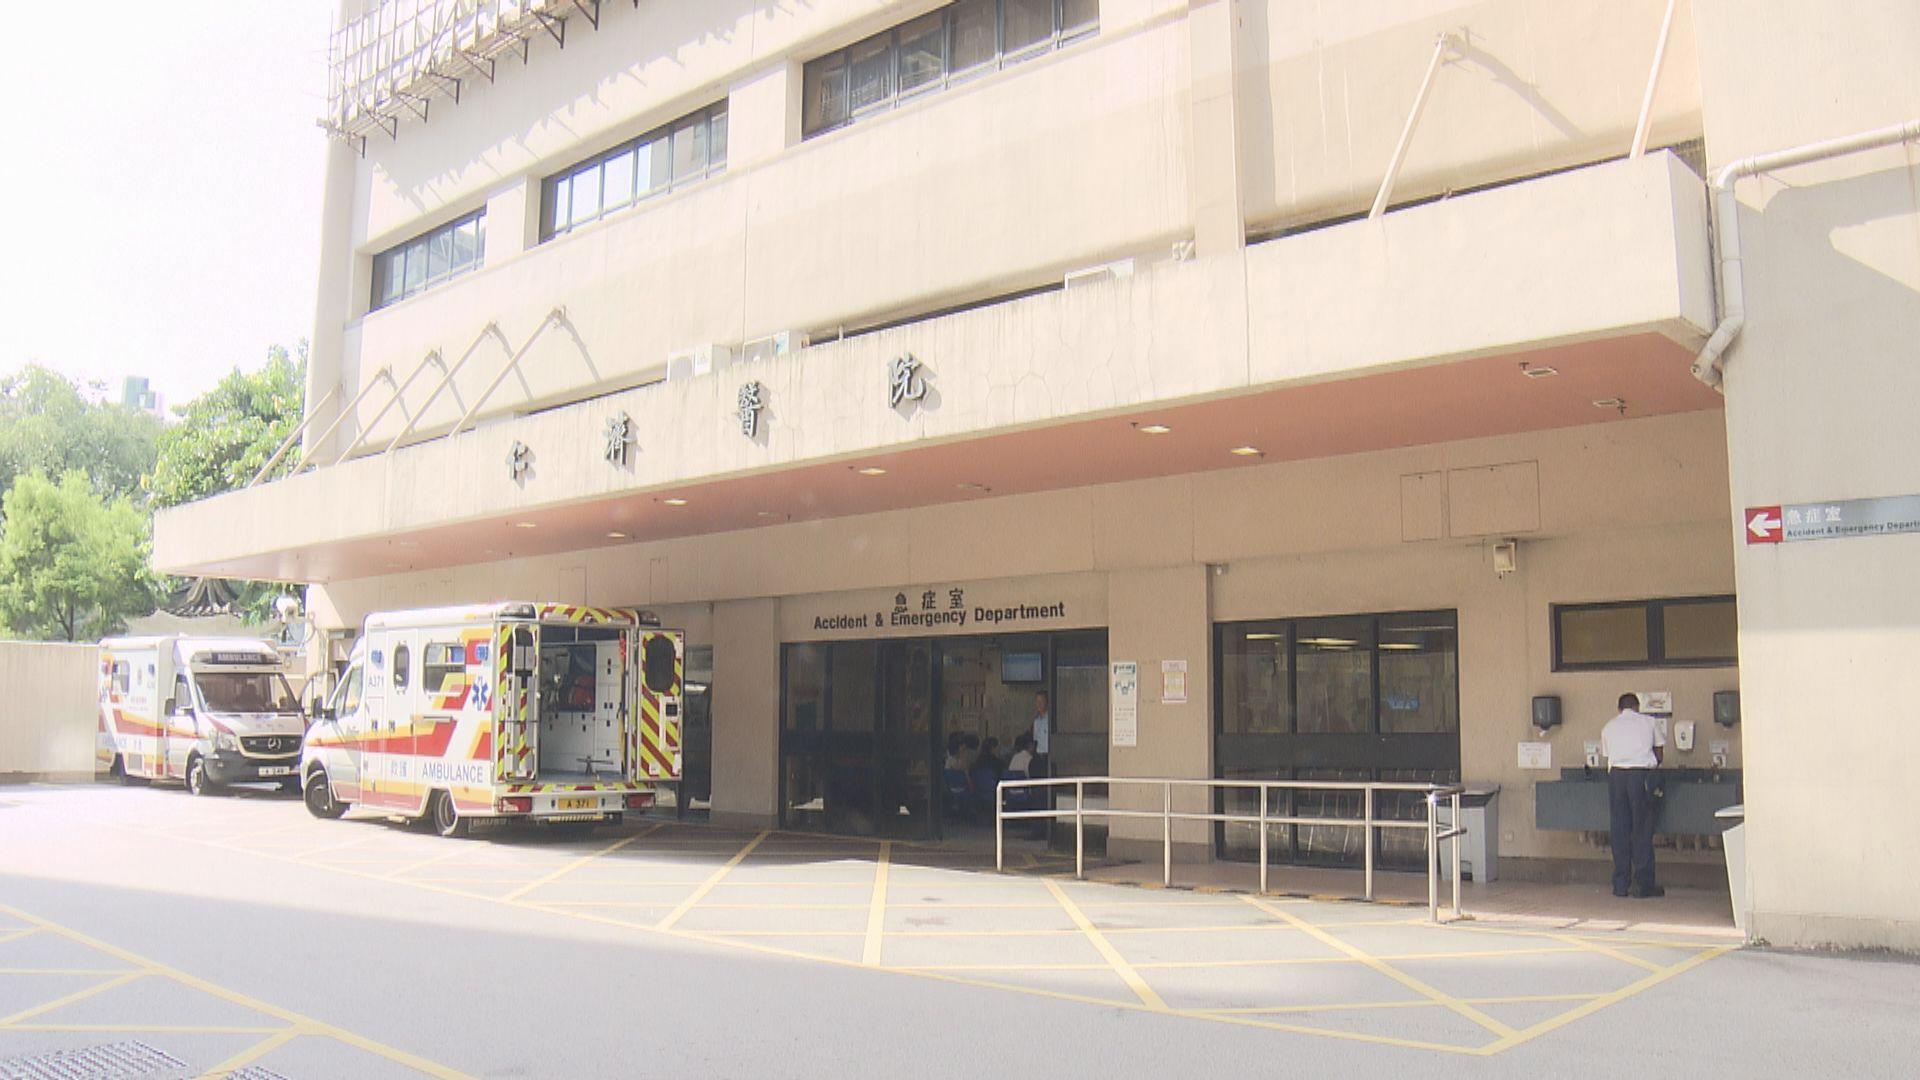 消息:仁濟醫院59歲男患者初步確診 感染源頭暫時未明